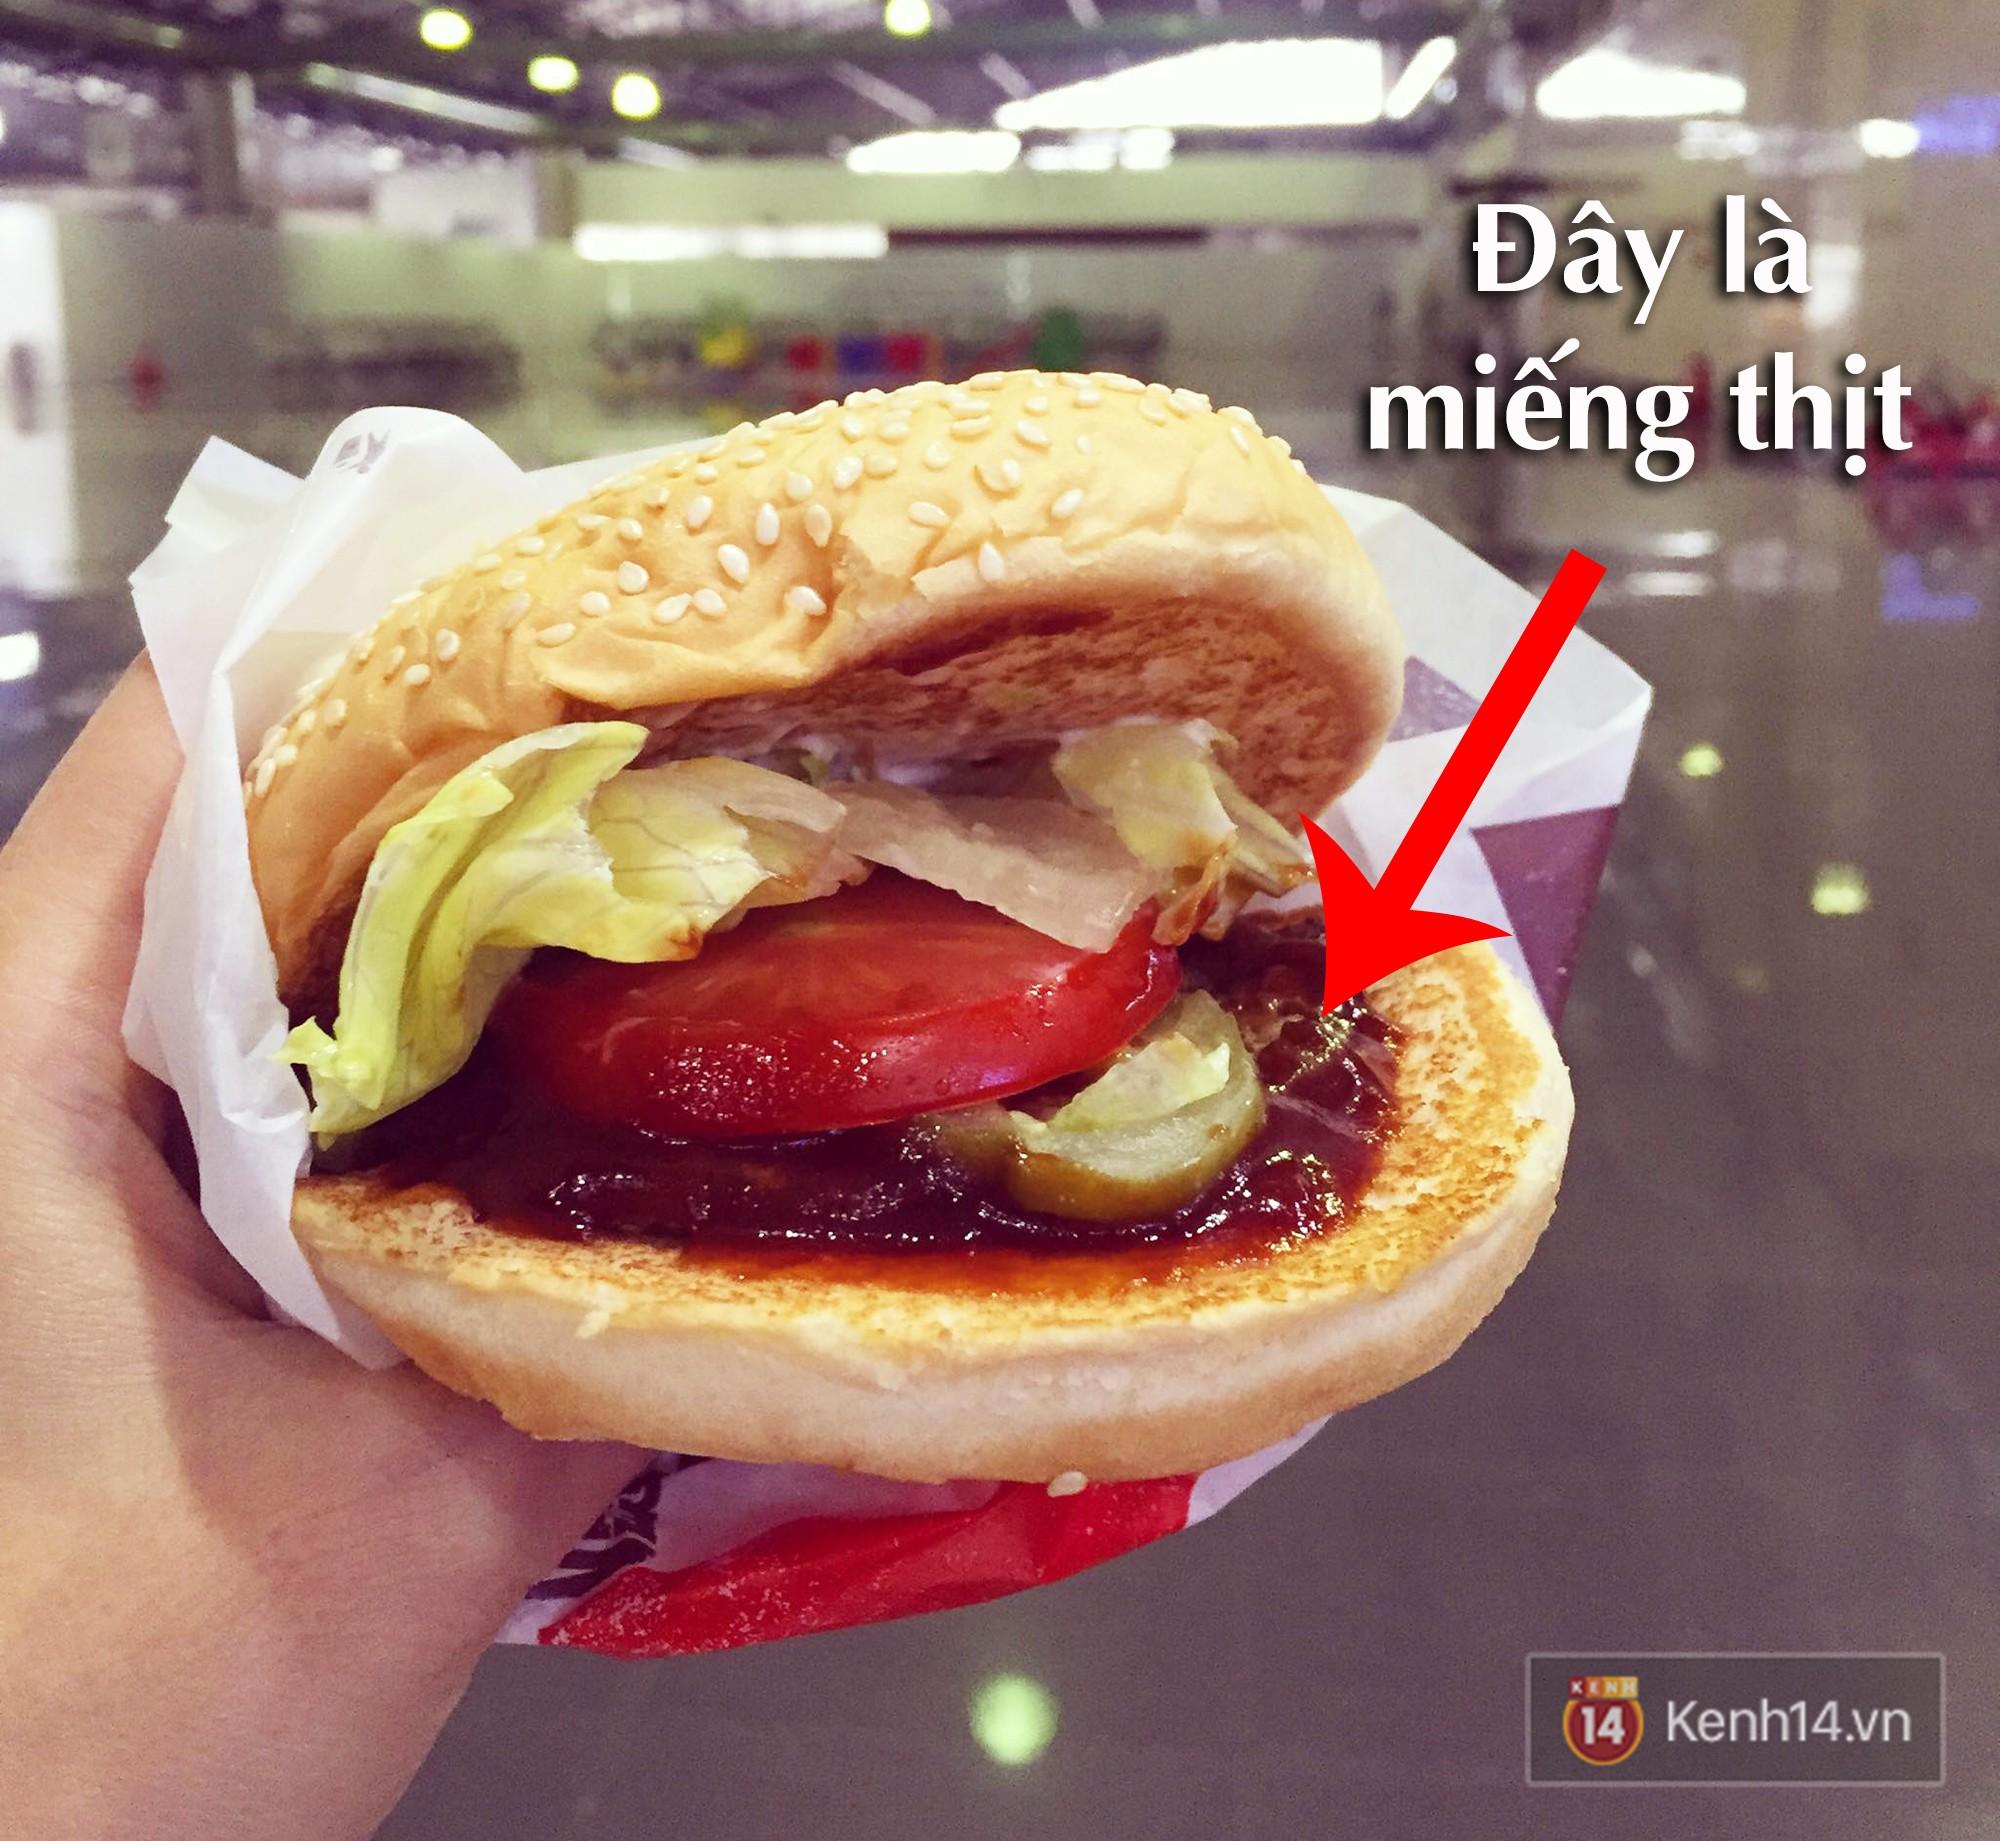 Xem sự khác biệt giữa quảng cáo và thực tế của burger ở Việt Nam để thấy đúng là đời không như mơ - Ảnh 10.